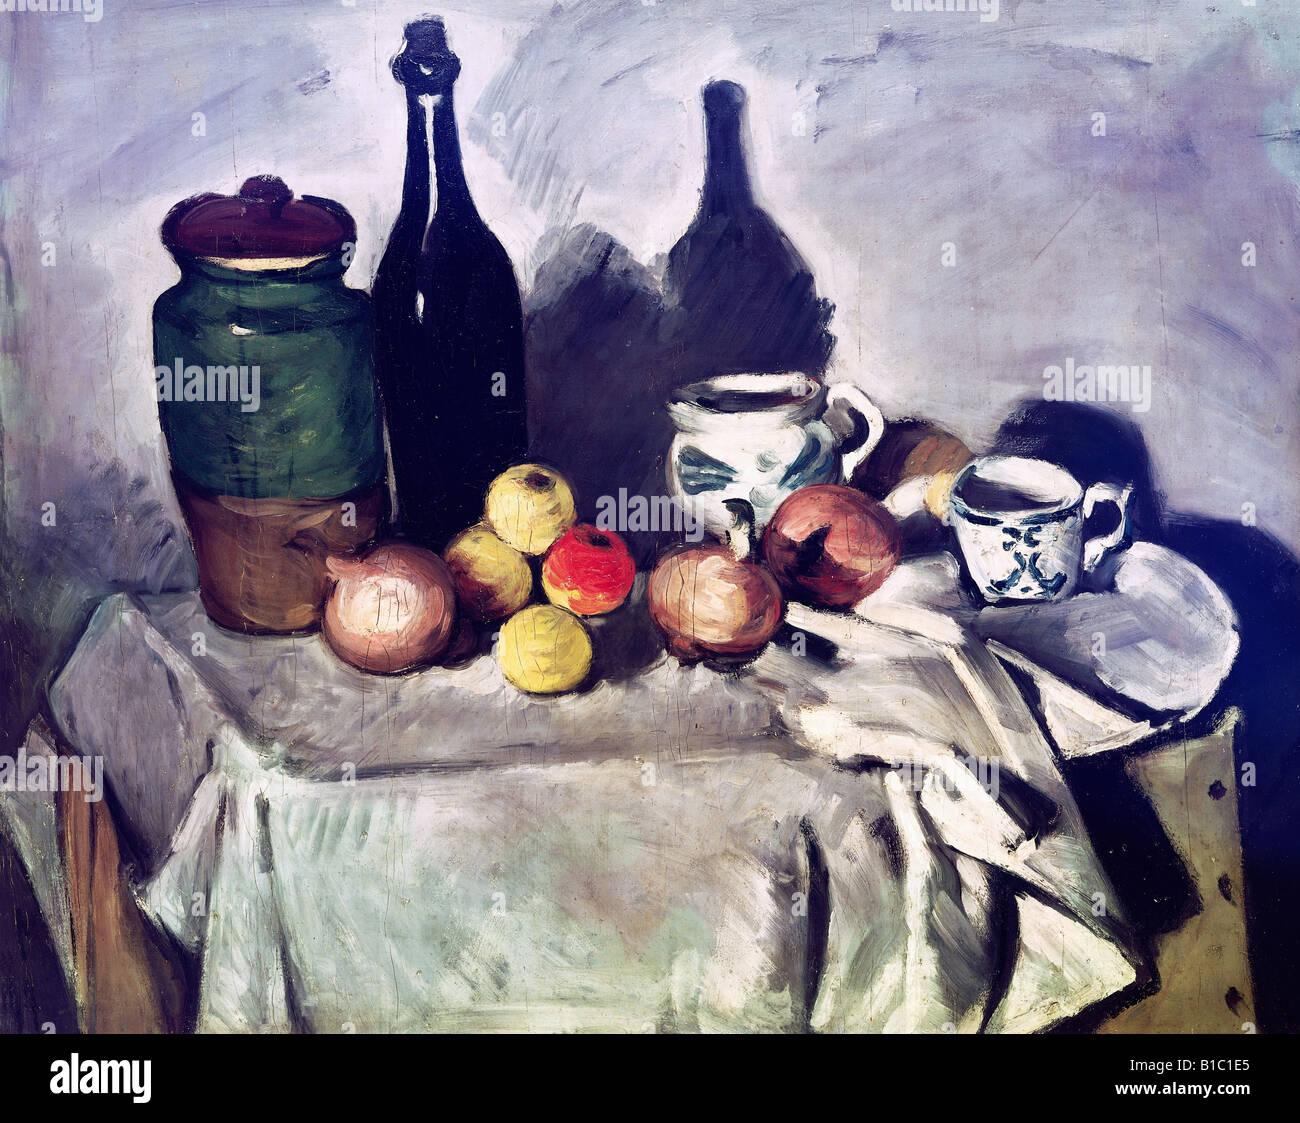 """Bildende Kunst, Cezanne, Paul, (19.1.1893 - 22.10.1906), Malerei, """"Stillleben mit Früchten und Speisen"""", Stockbild"""